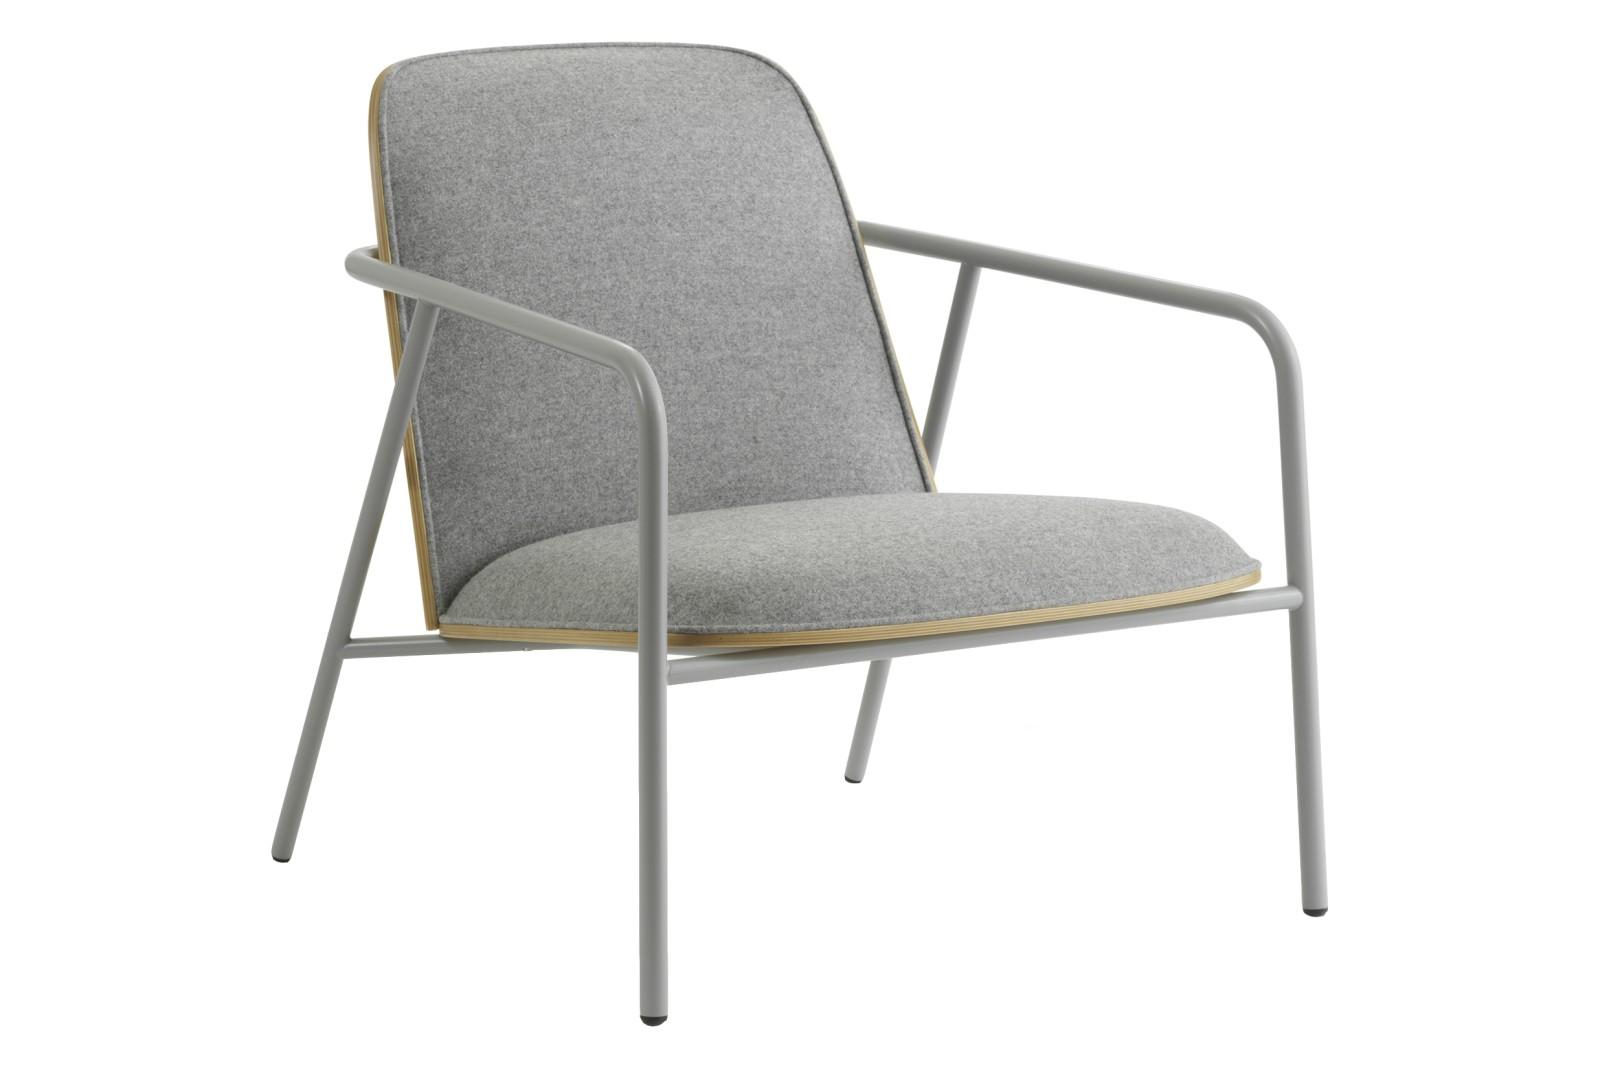 Pad Lounge Chair Low Grey Steel, Lacuered Oak Veneer, Synergy